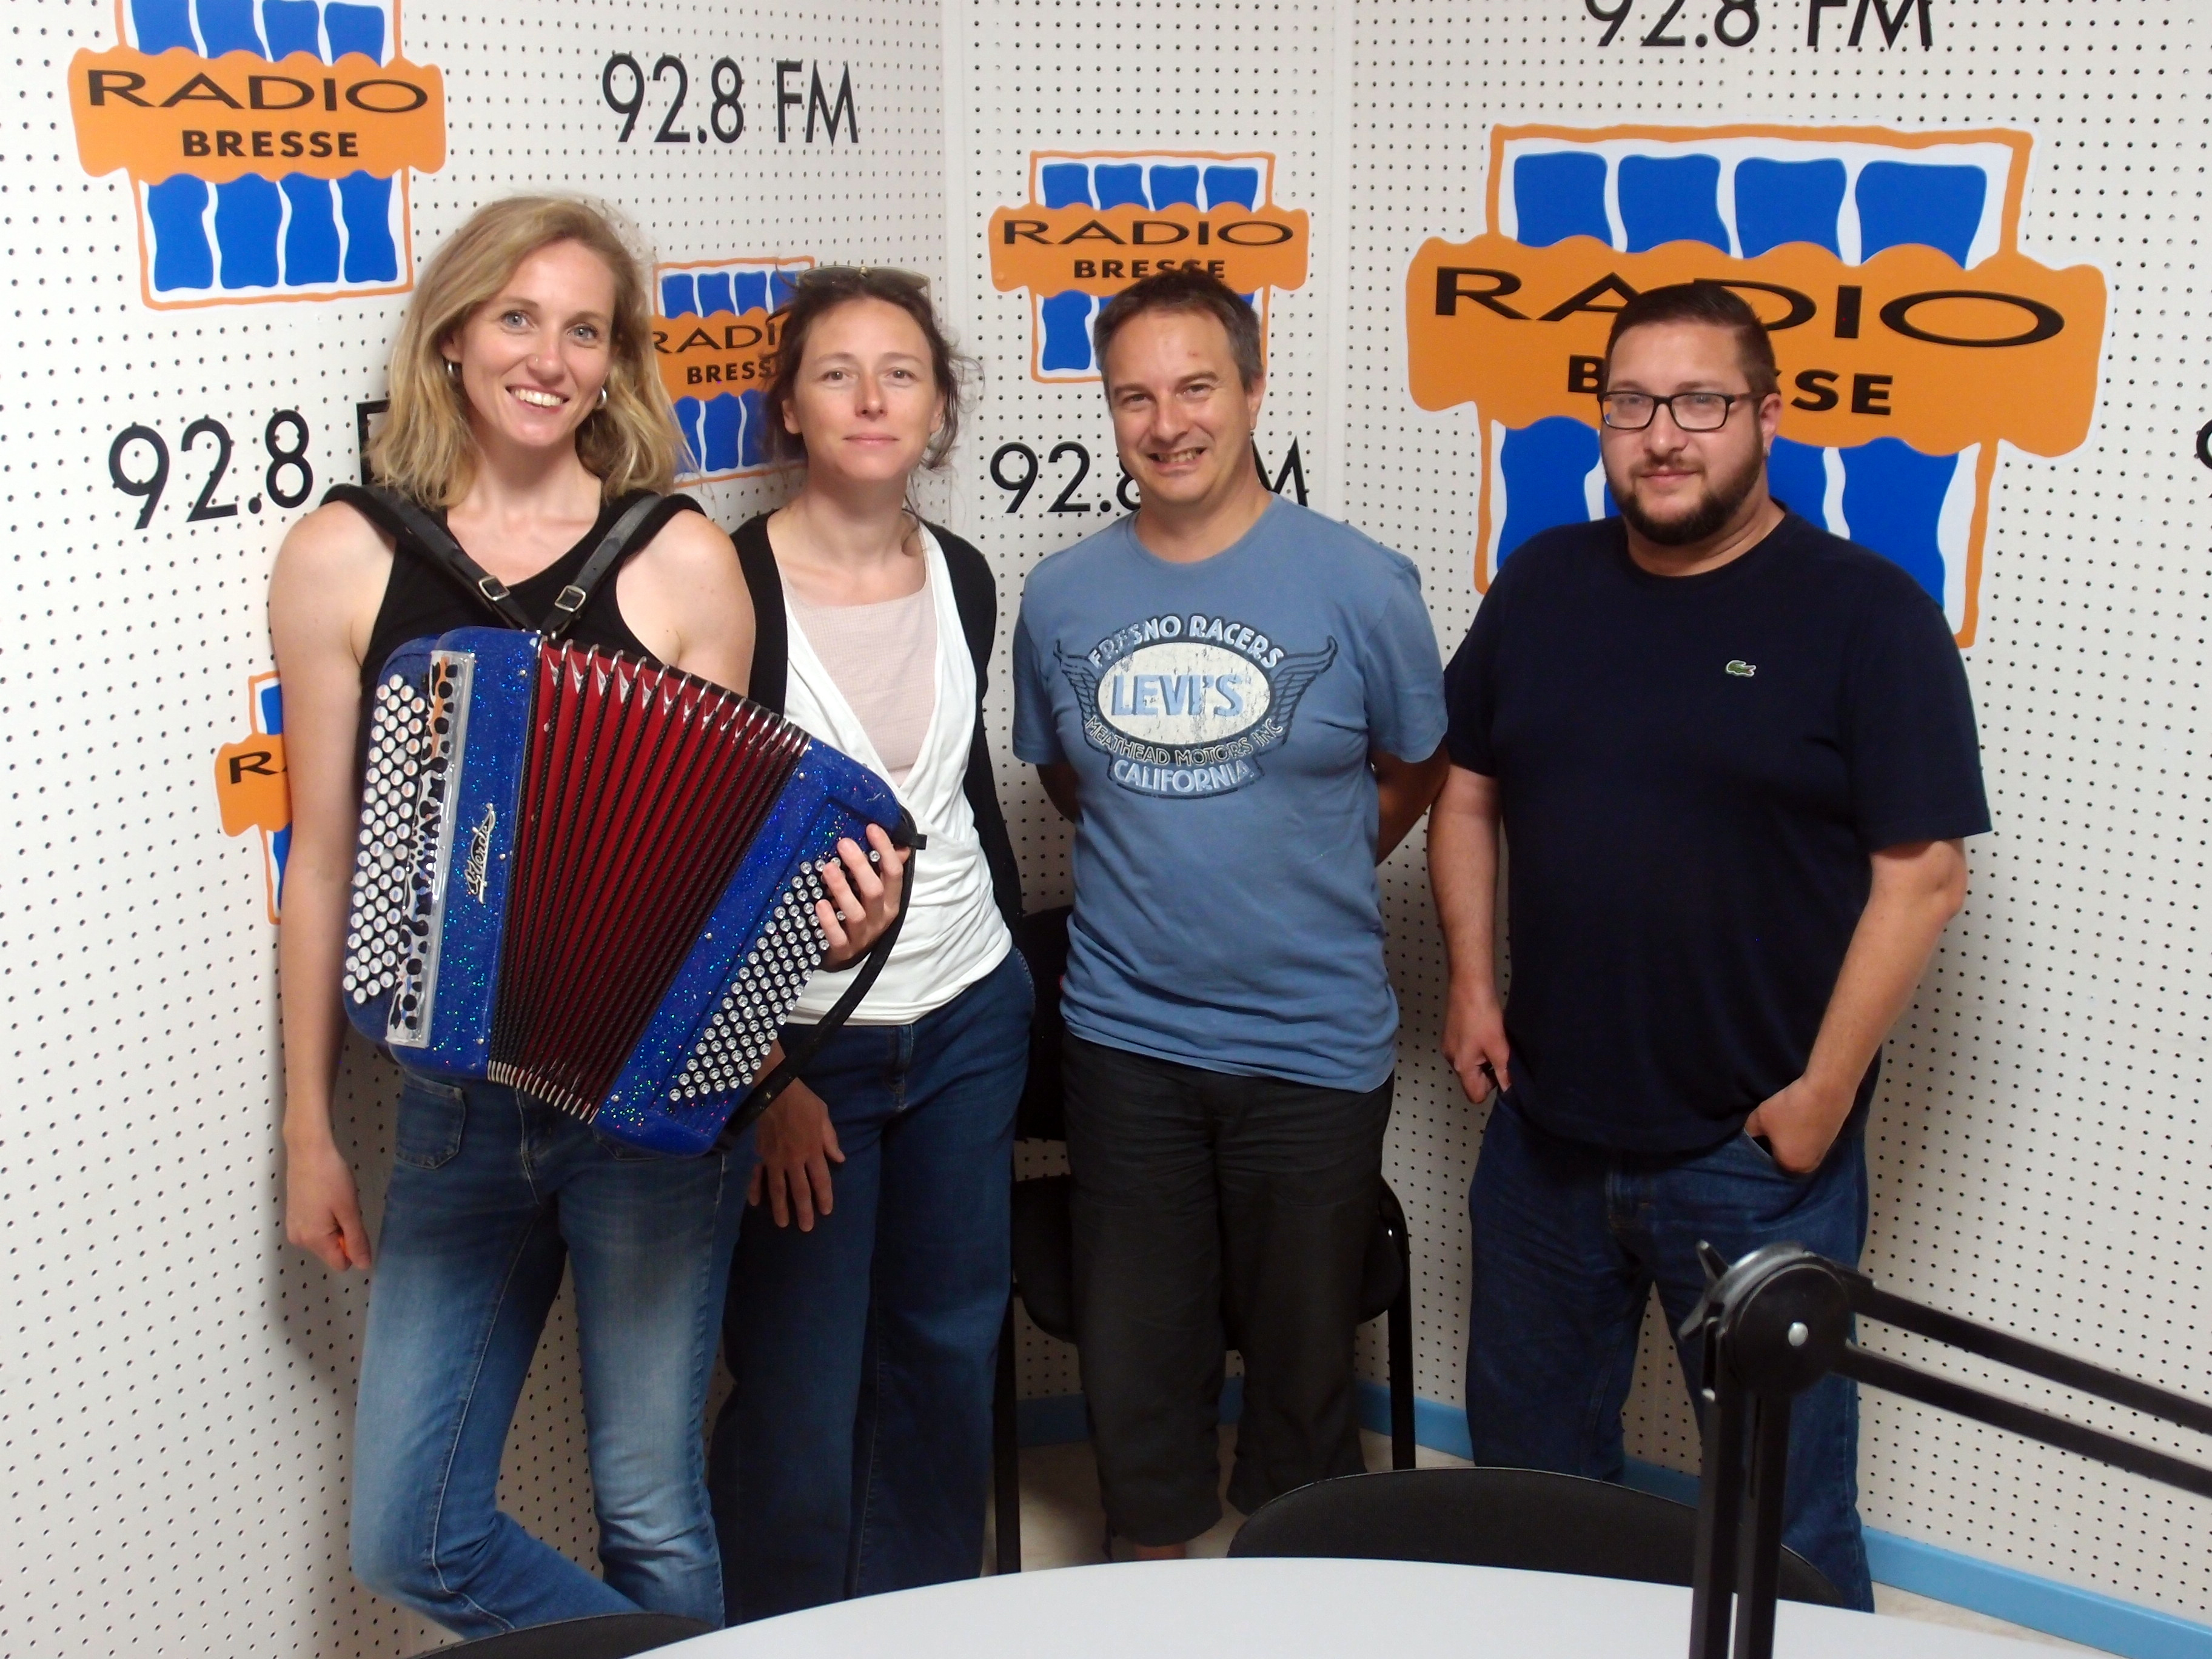 Les folles de Léon dans les studios de Radio Bresse !